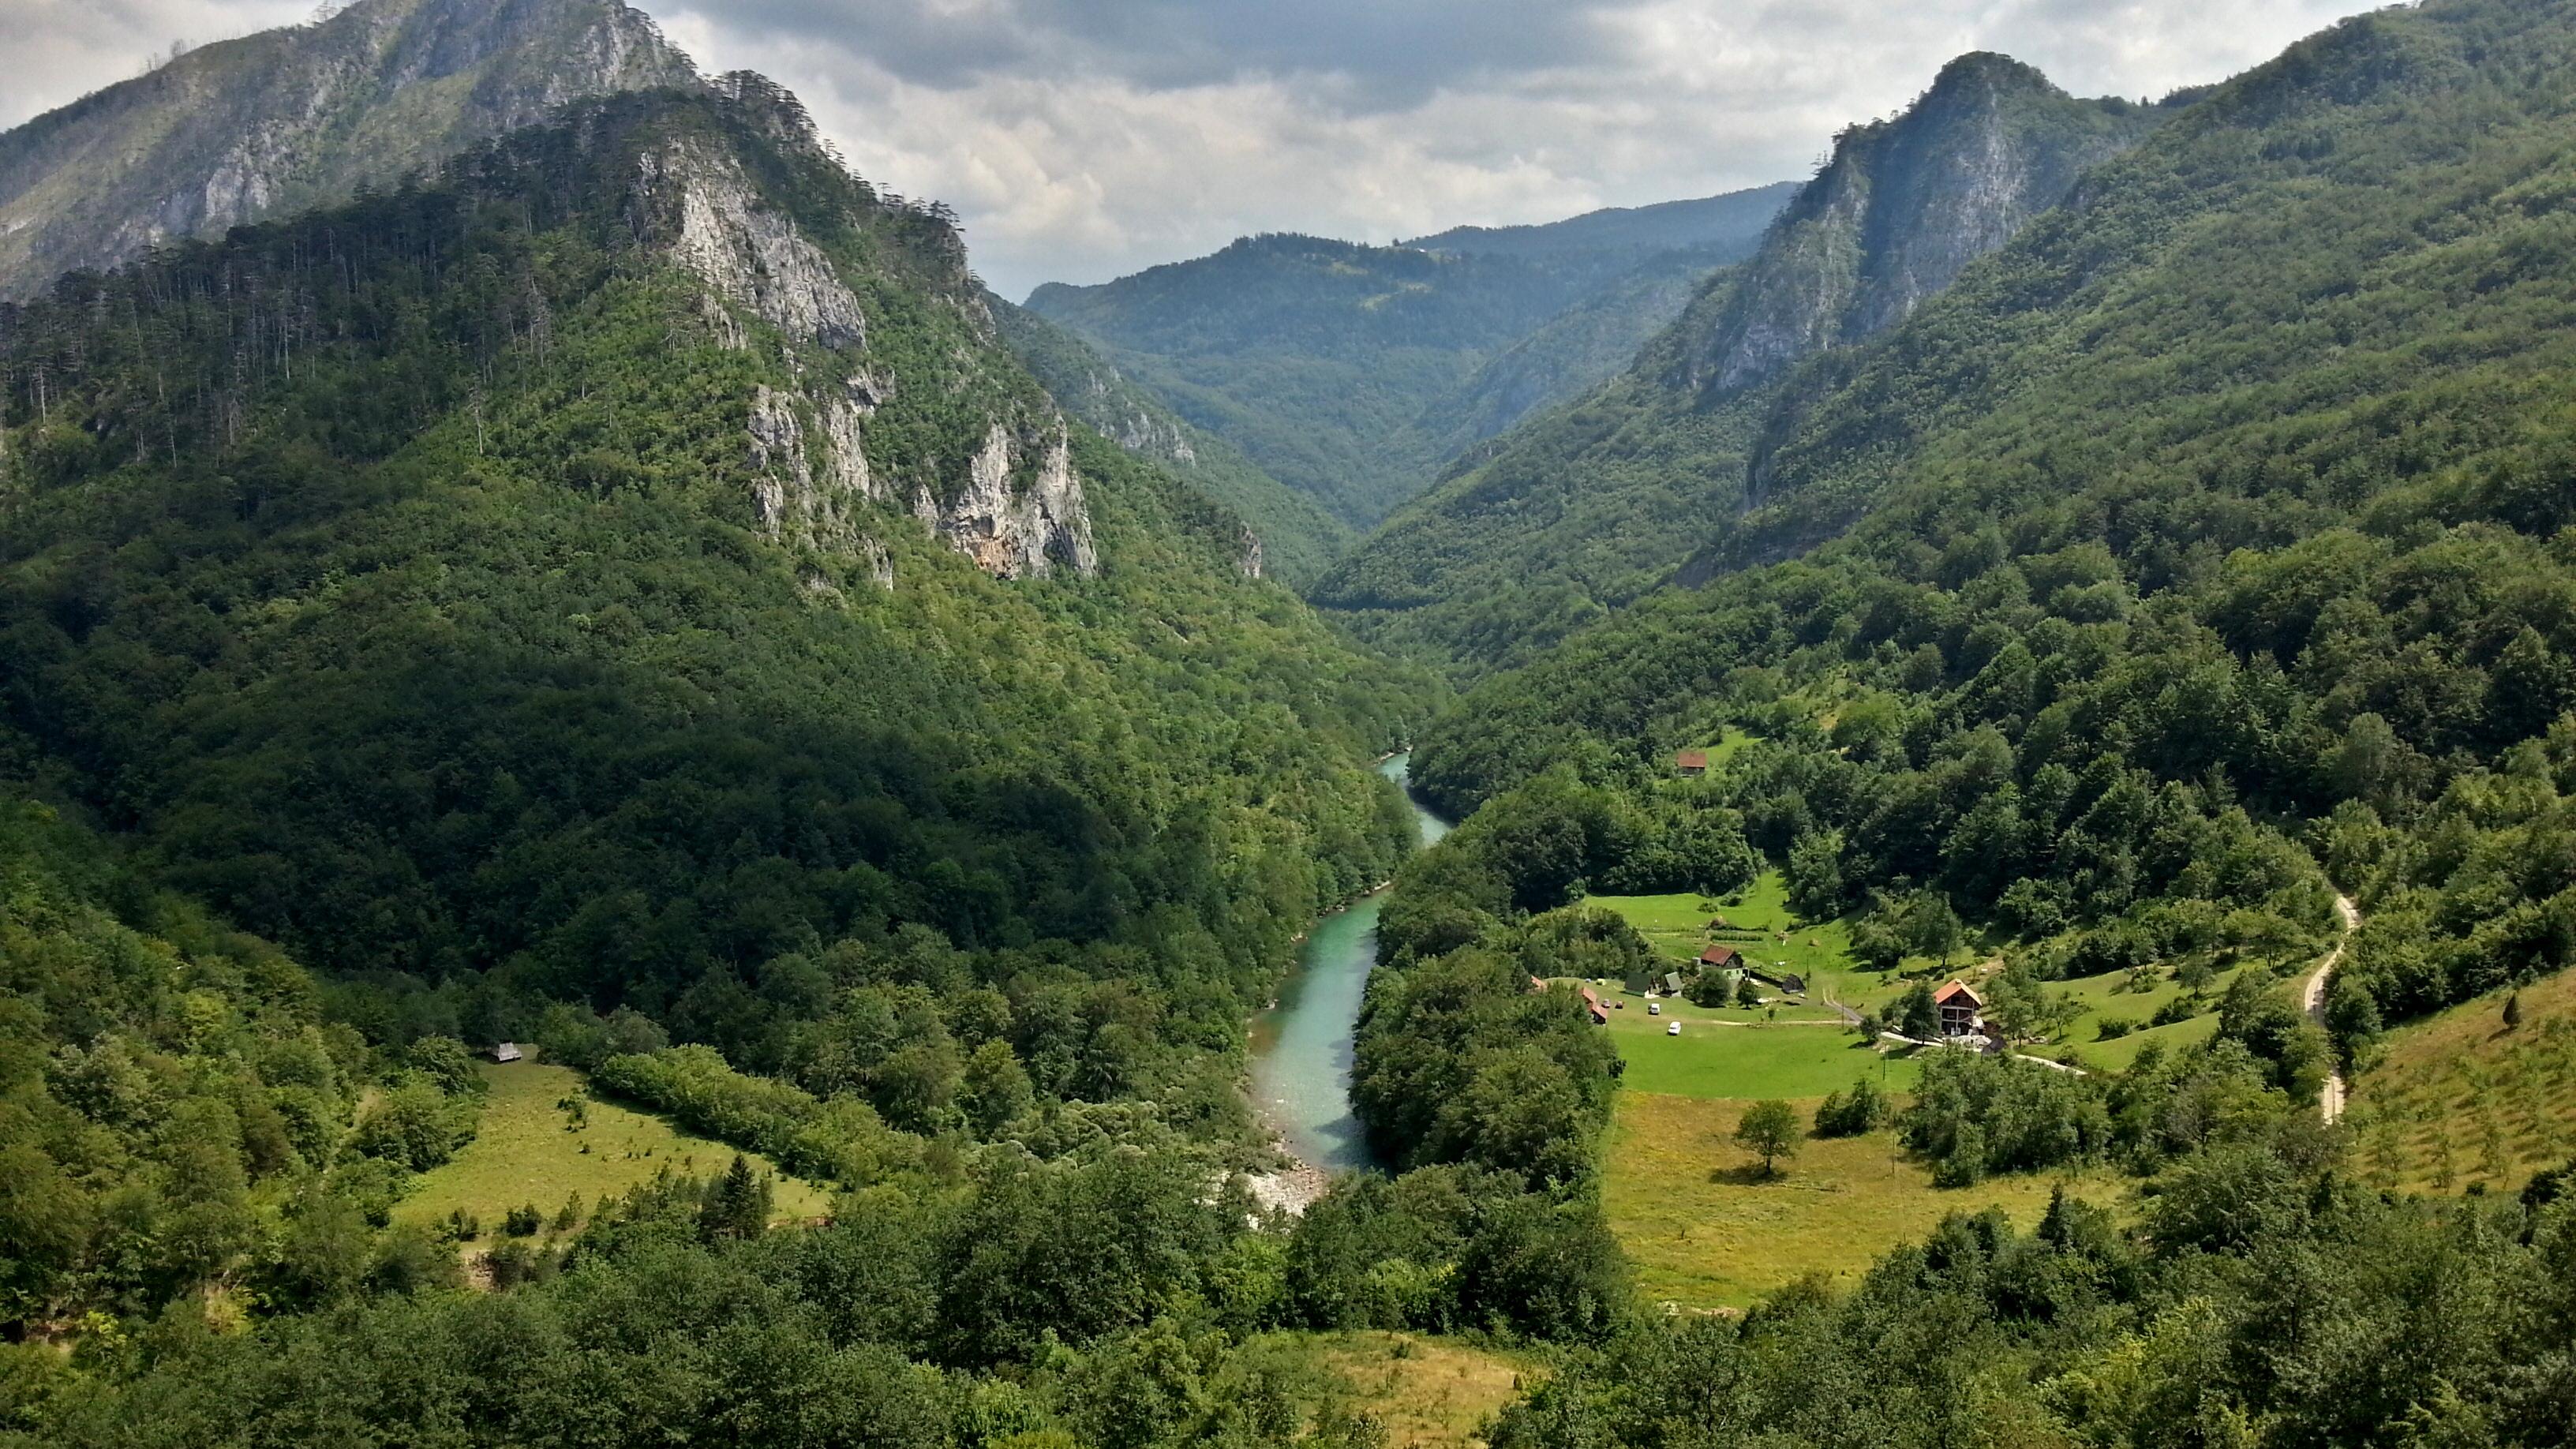 Вид на каньон реки Тари и эко-деревню для отдыха.